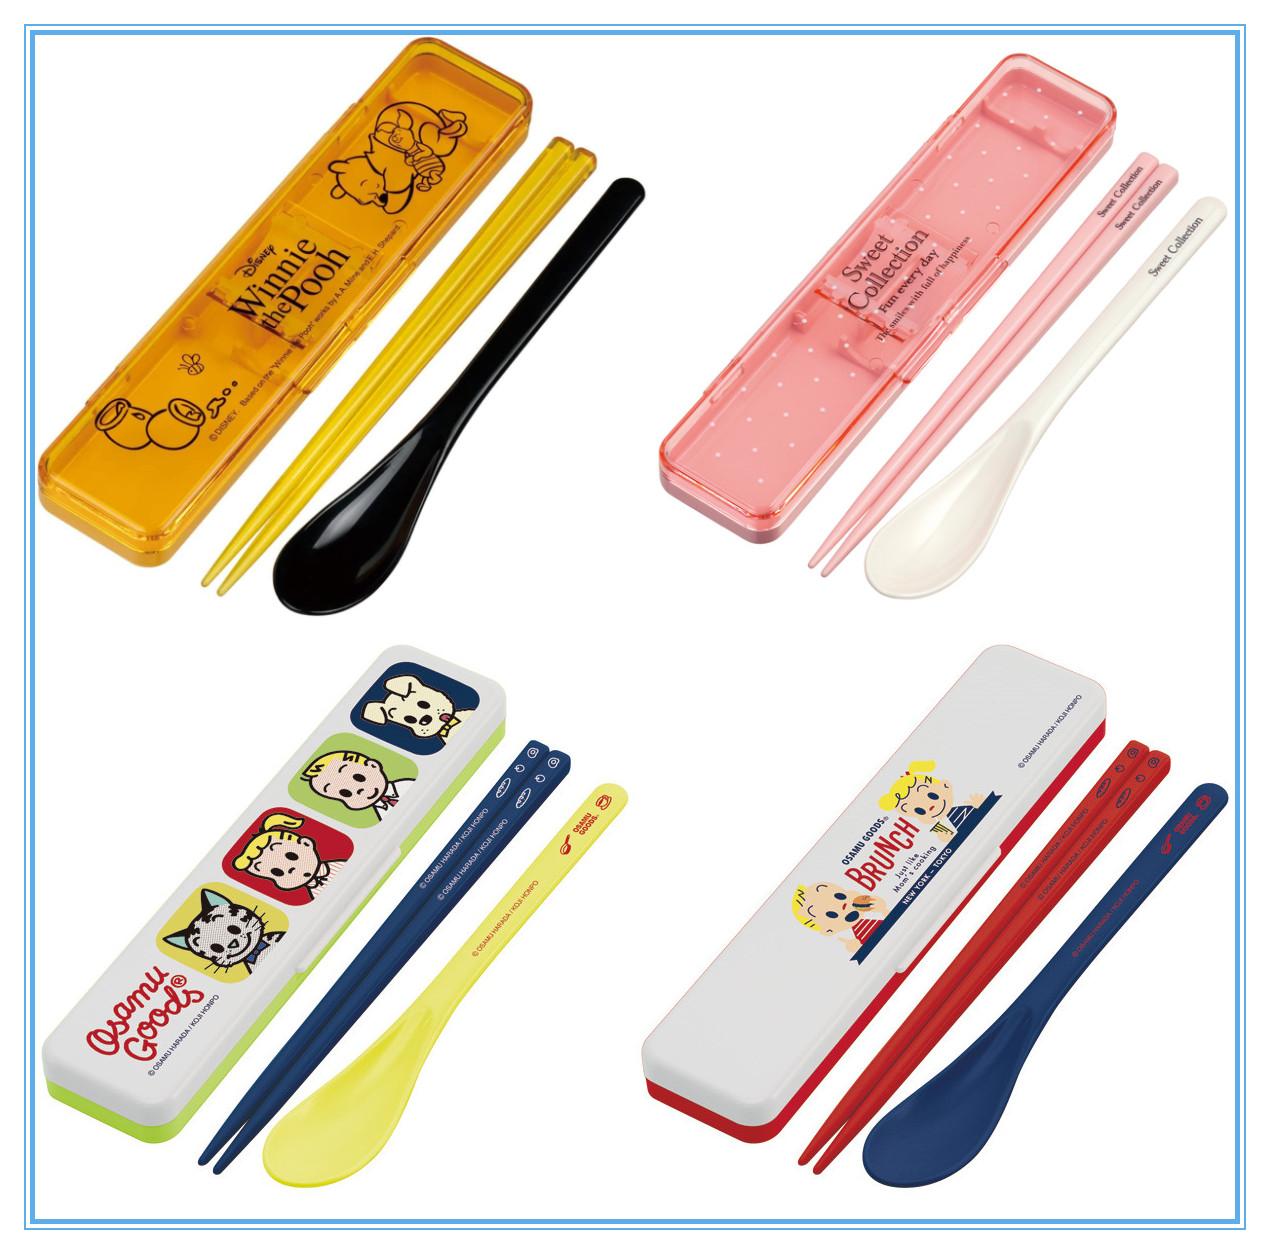 日本制skater斯凯达卡通儿童餐具筷子勺子套装外出便携套两2件套